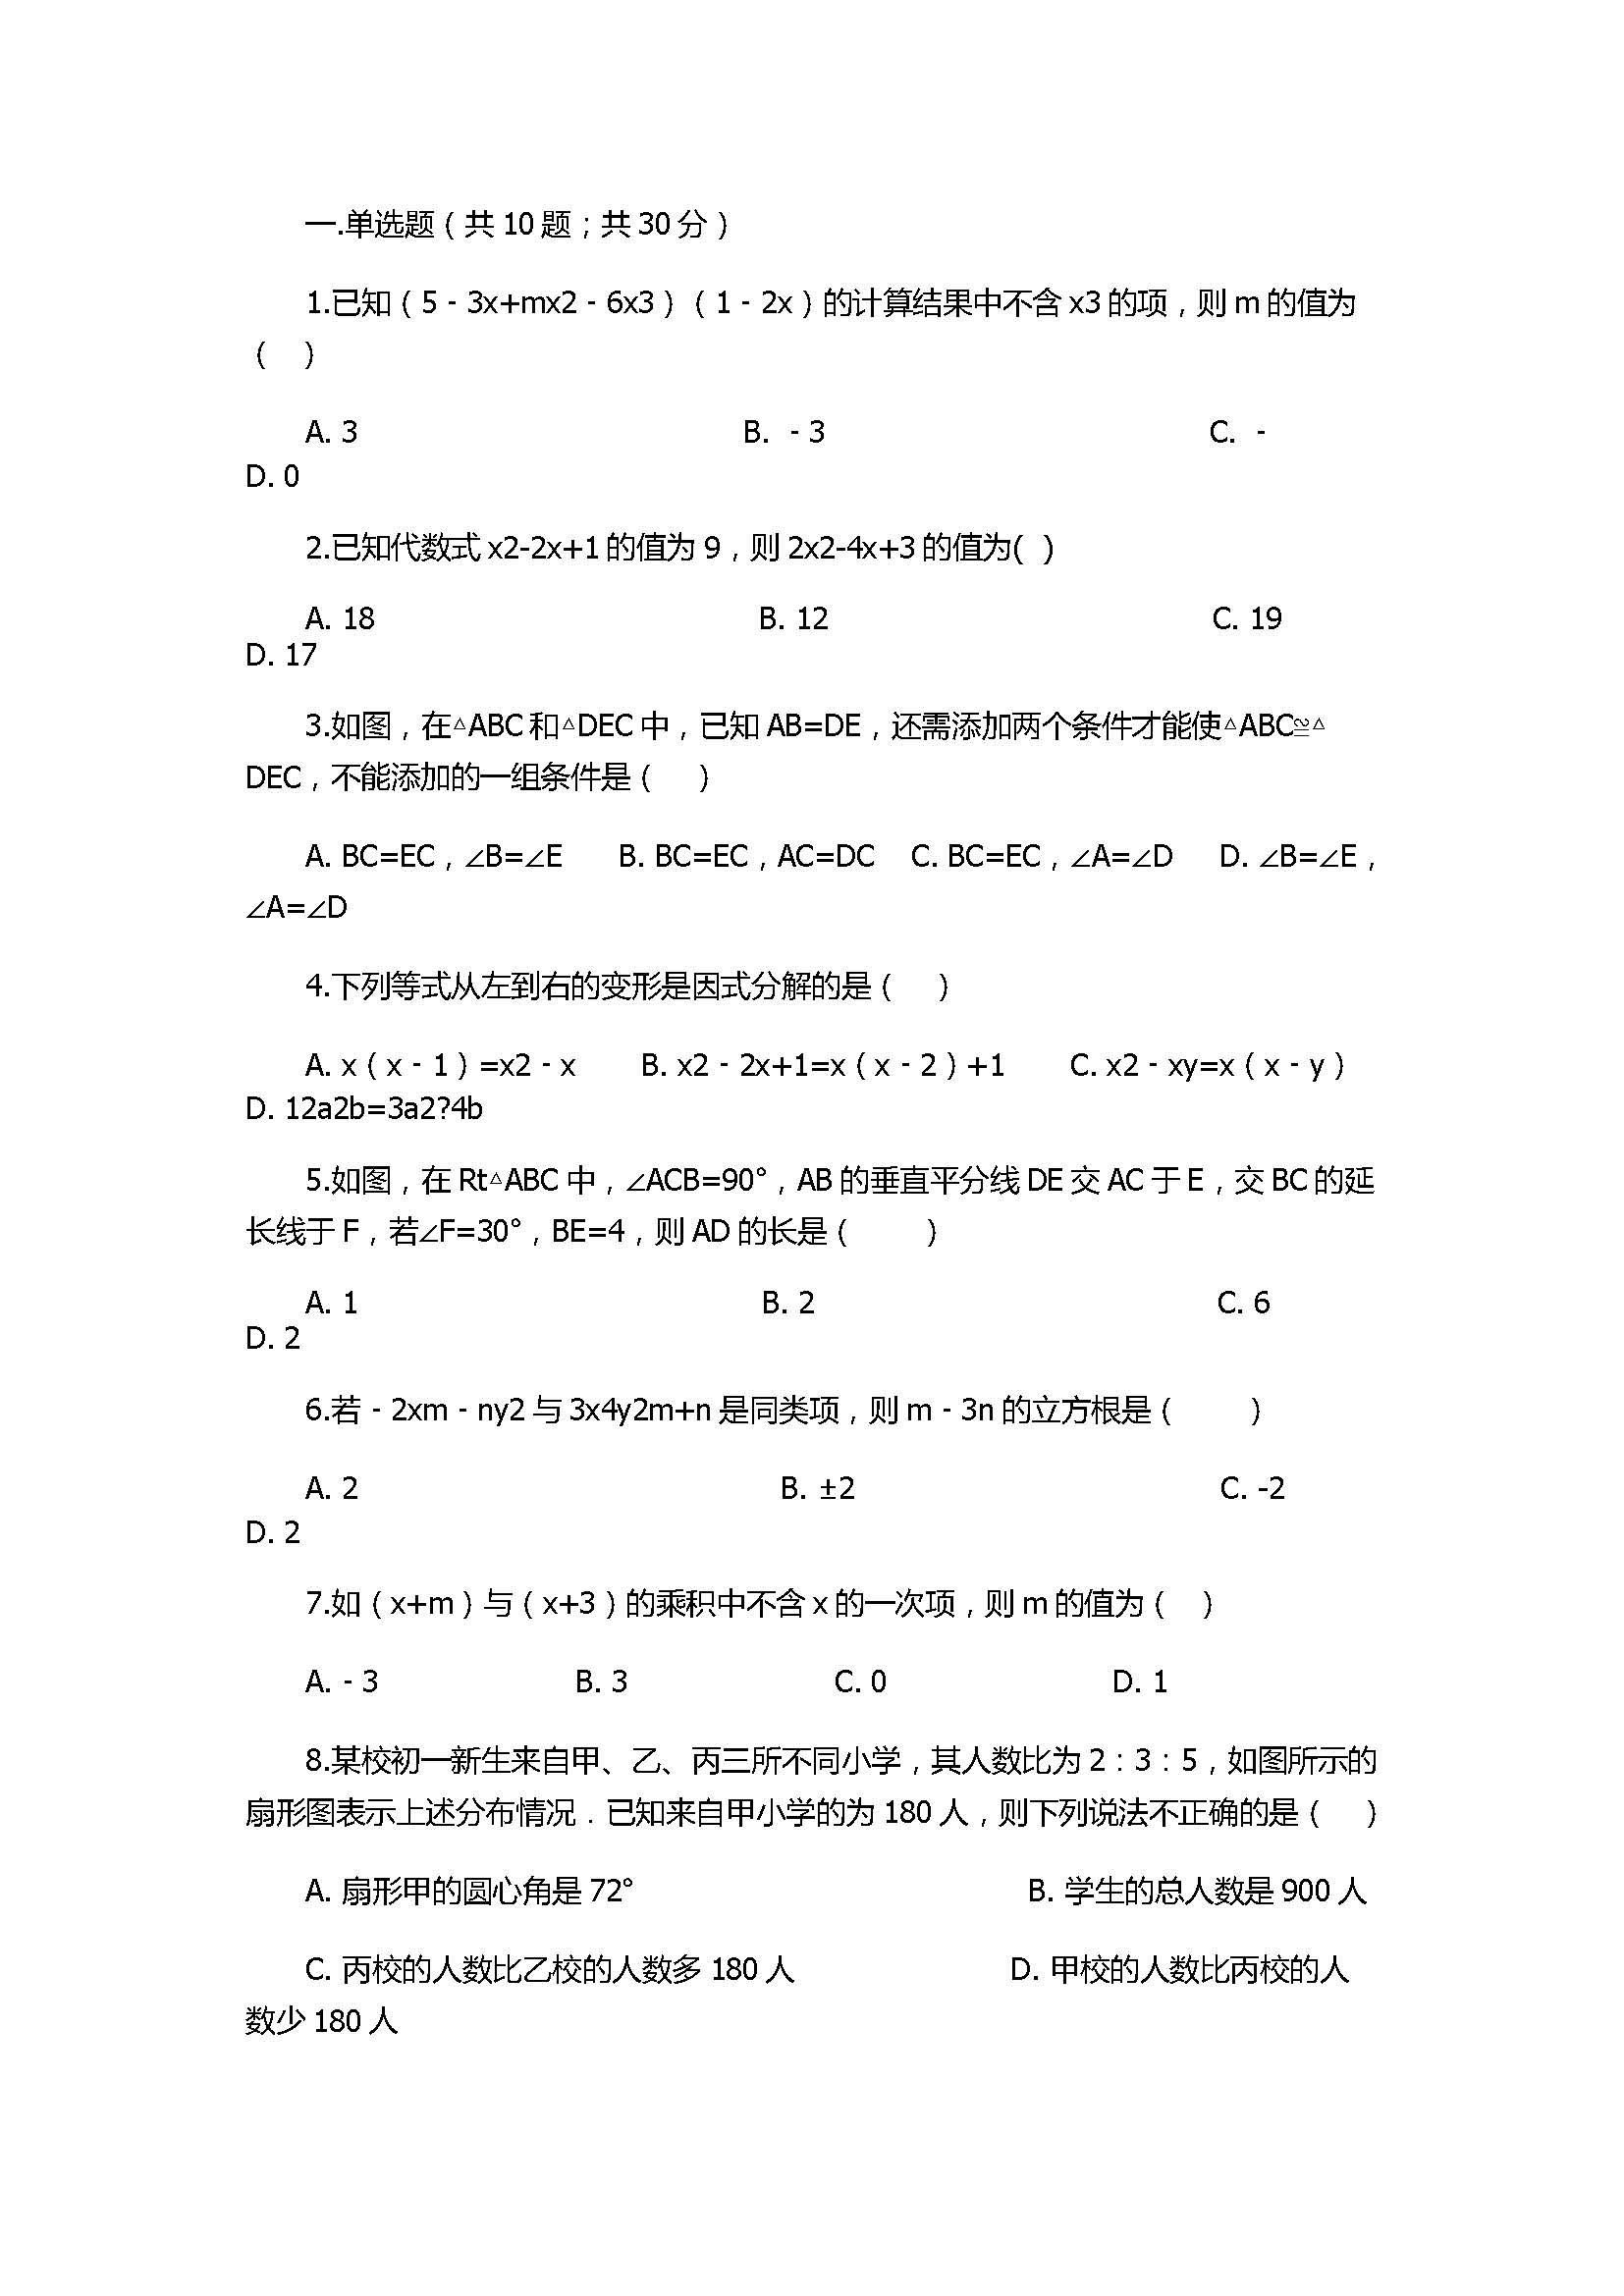 2017八年级数学上册期末模拟试卷带答案(农安县西北片)